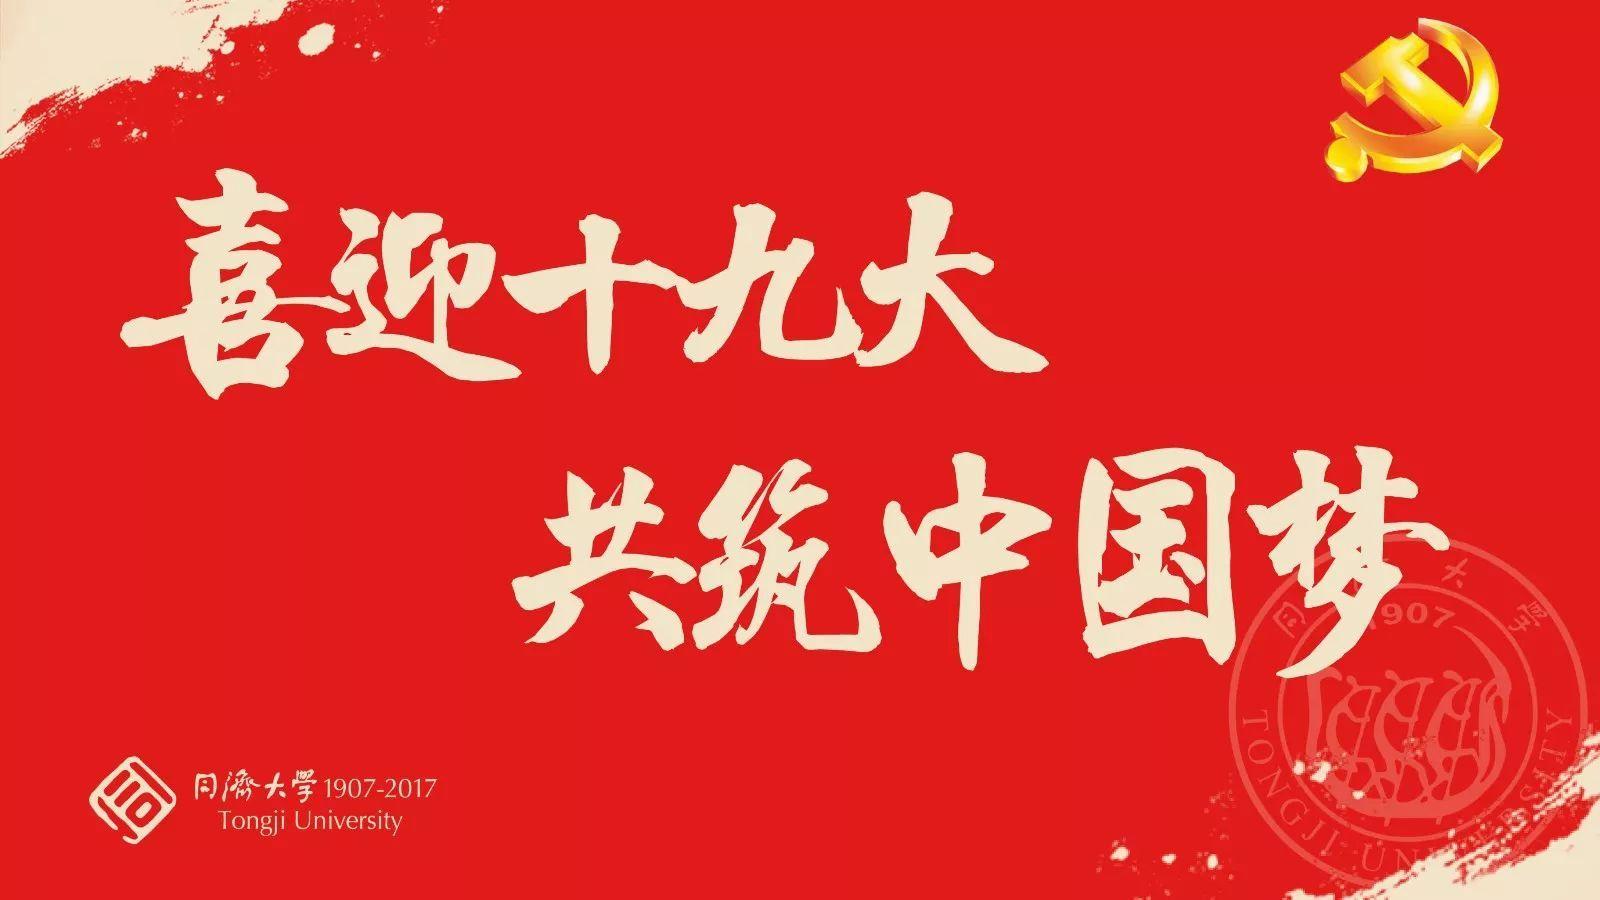 喜迎十九大·共筑中国梦 梦想启航,同济就是你的背景!